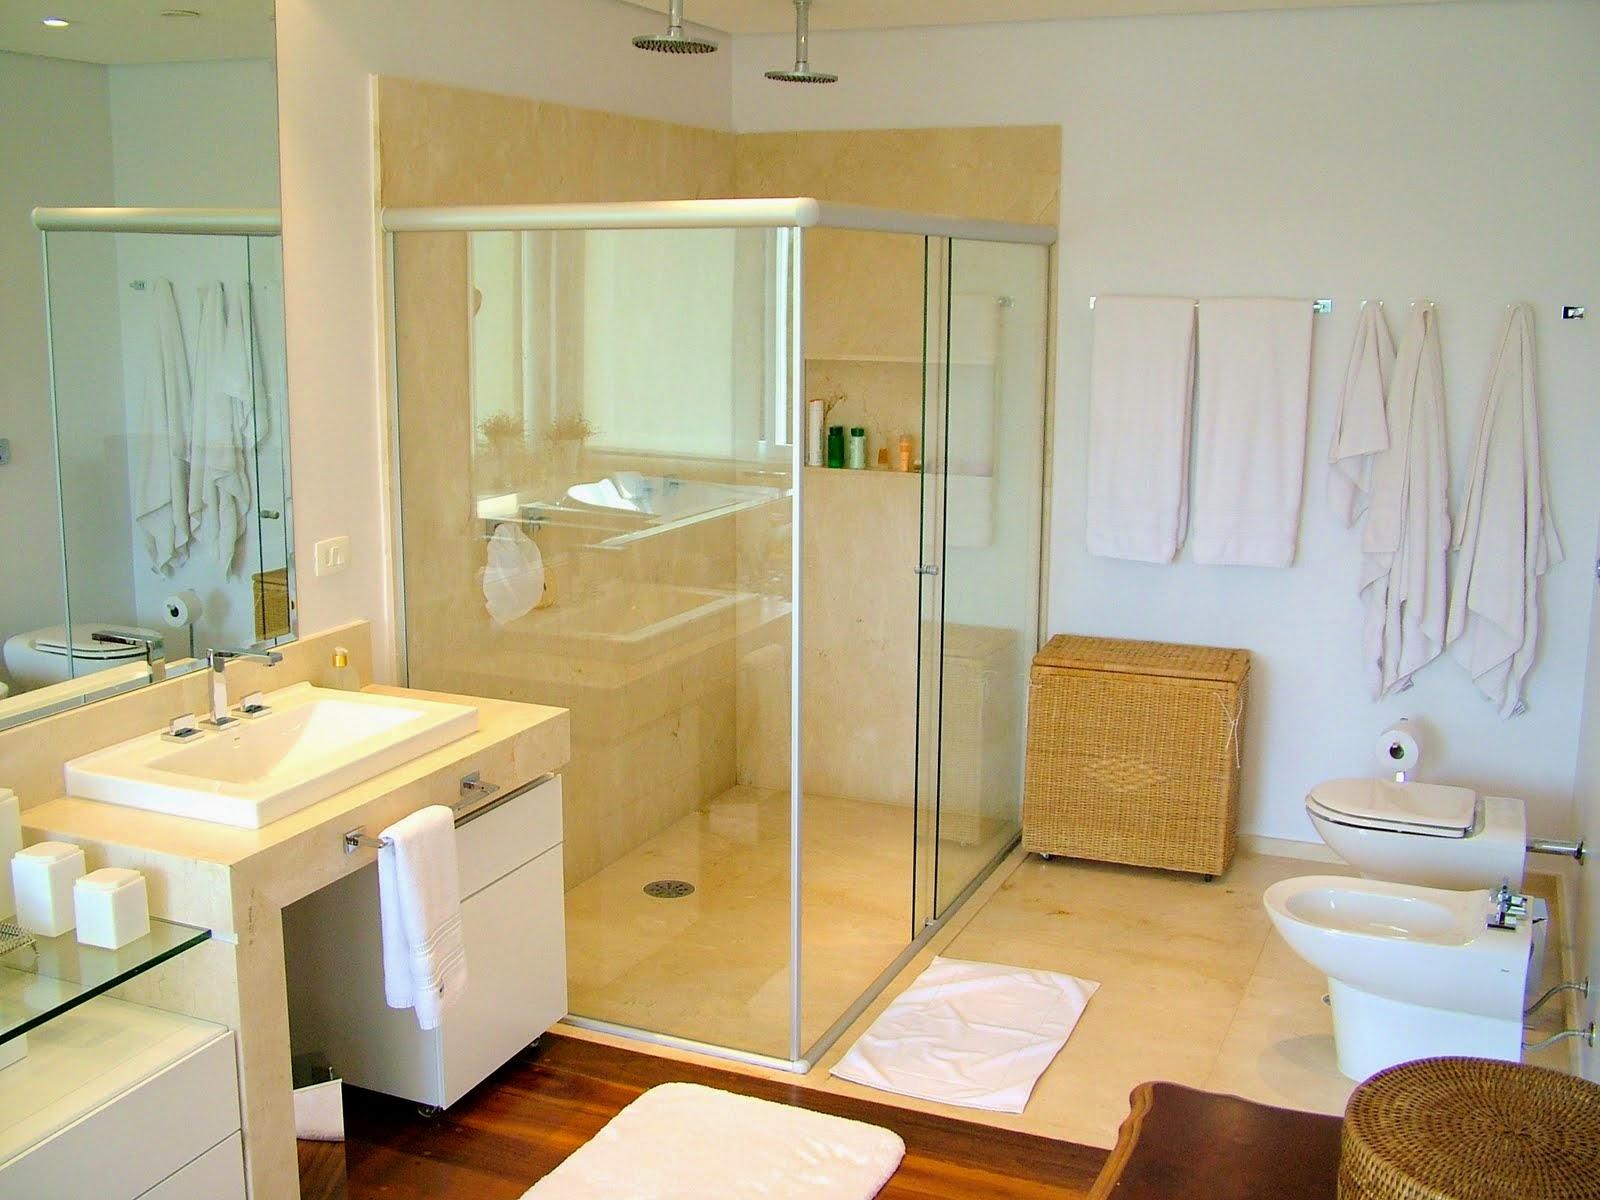 decoracao de banheiros pequenos com box box para banheiro  #703E17 1600 1200